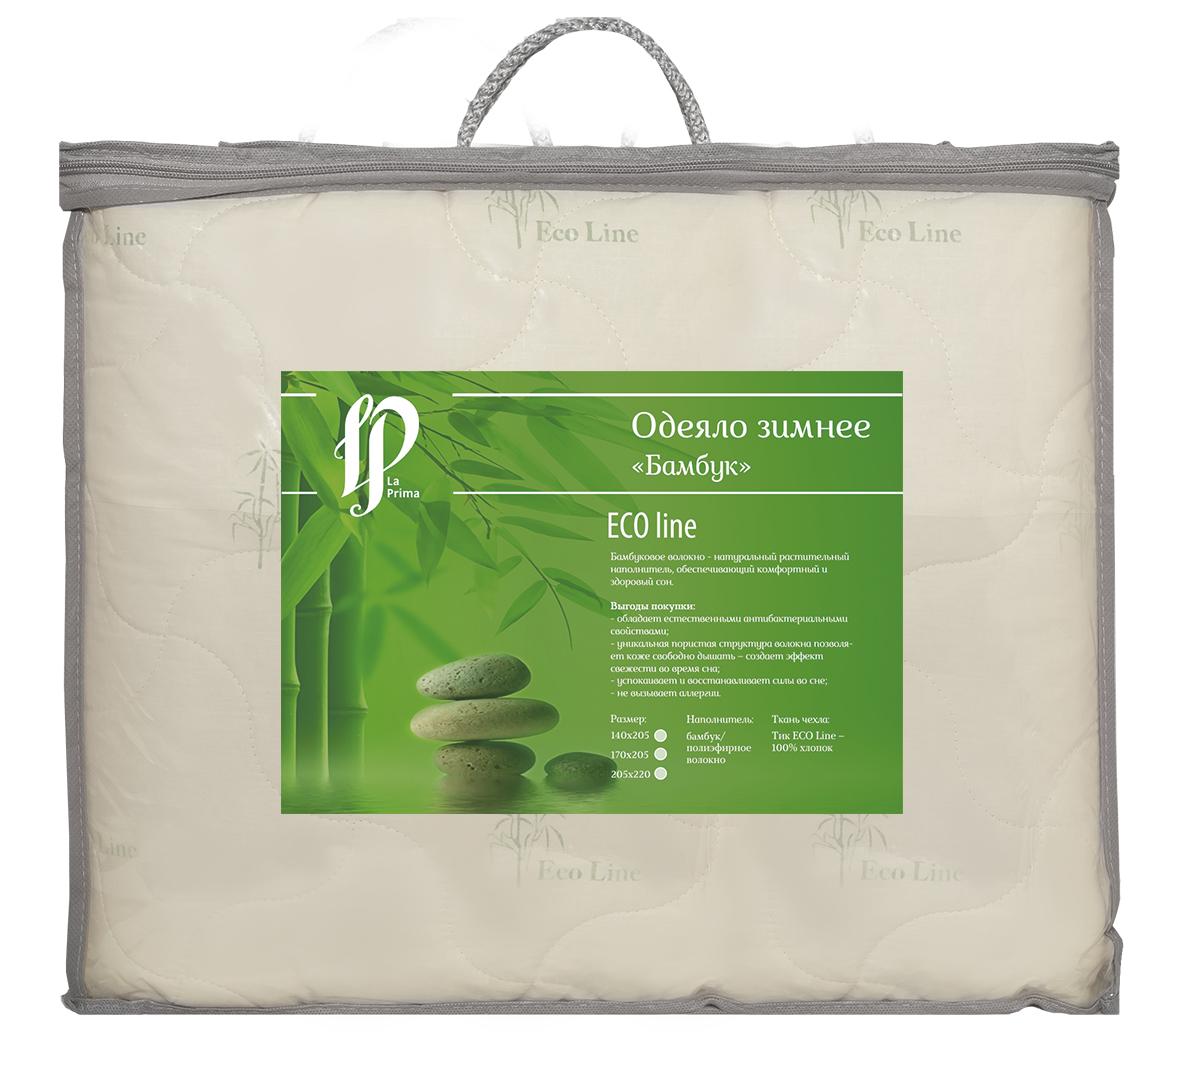 Одеяло из бамбука зимнее, 2х, 170*205CLP44640%бамбук/ 60 полиэфирное волокно